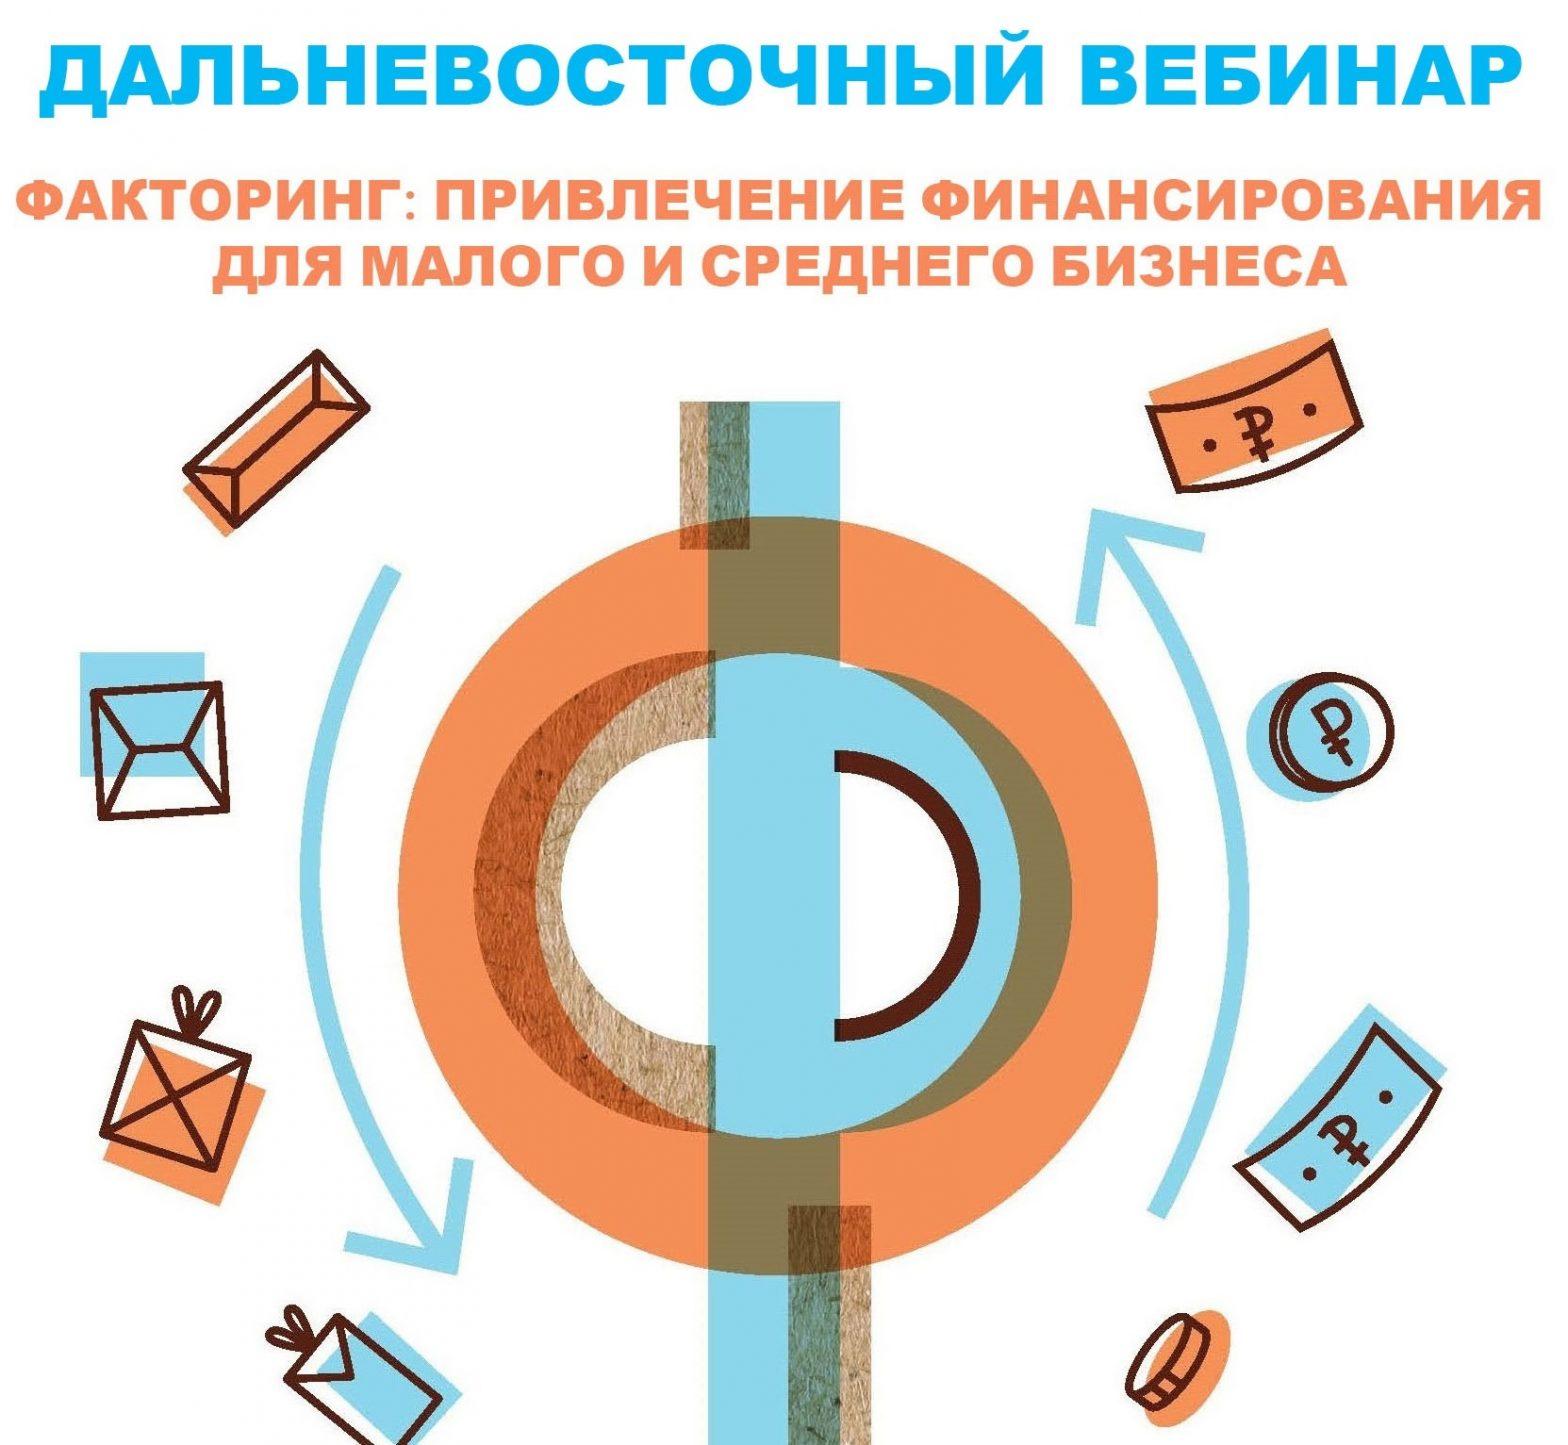 Дальневосточный вебинар «Факторинг: привлечение финансирования для малого и среднего бизнеса»